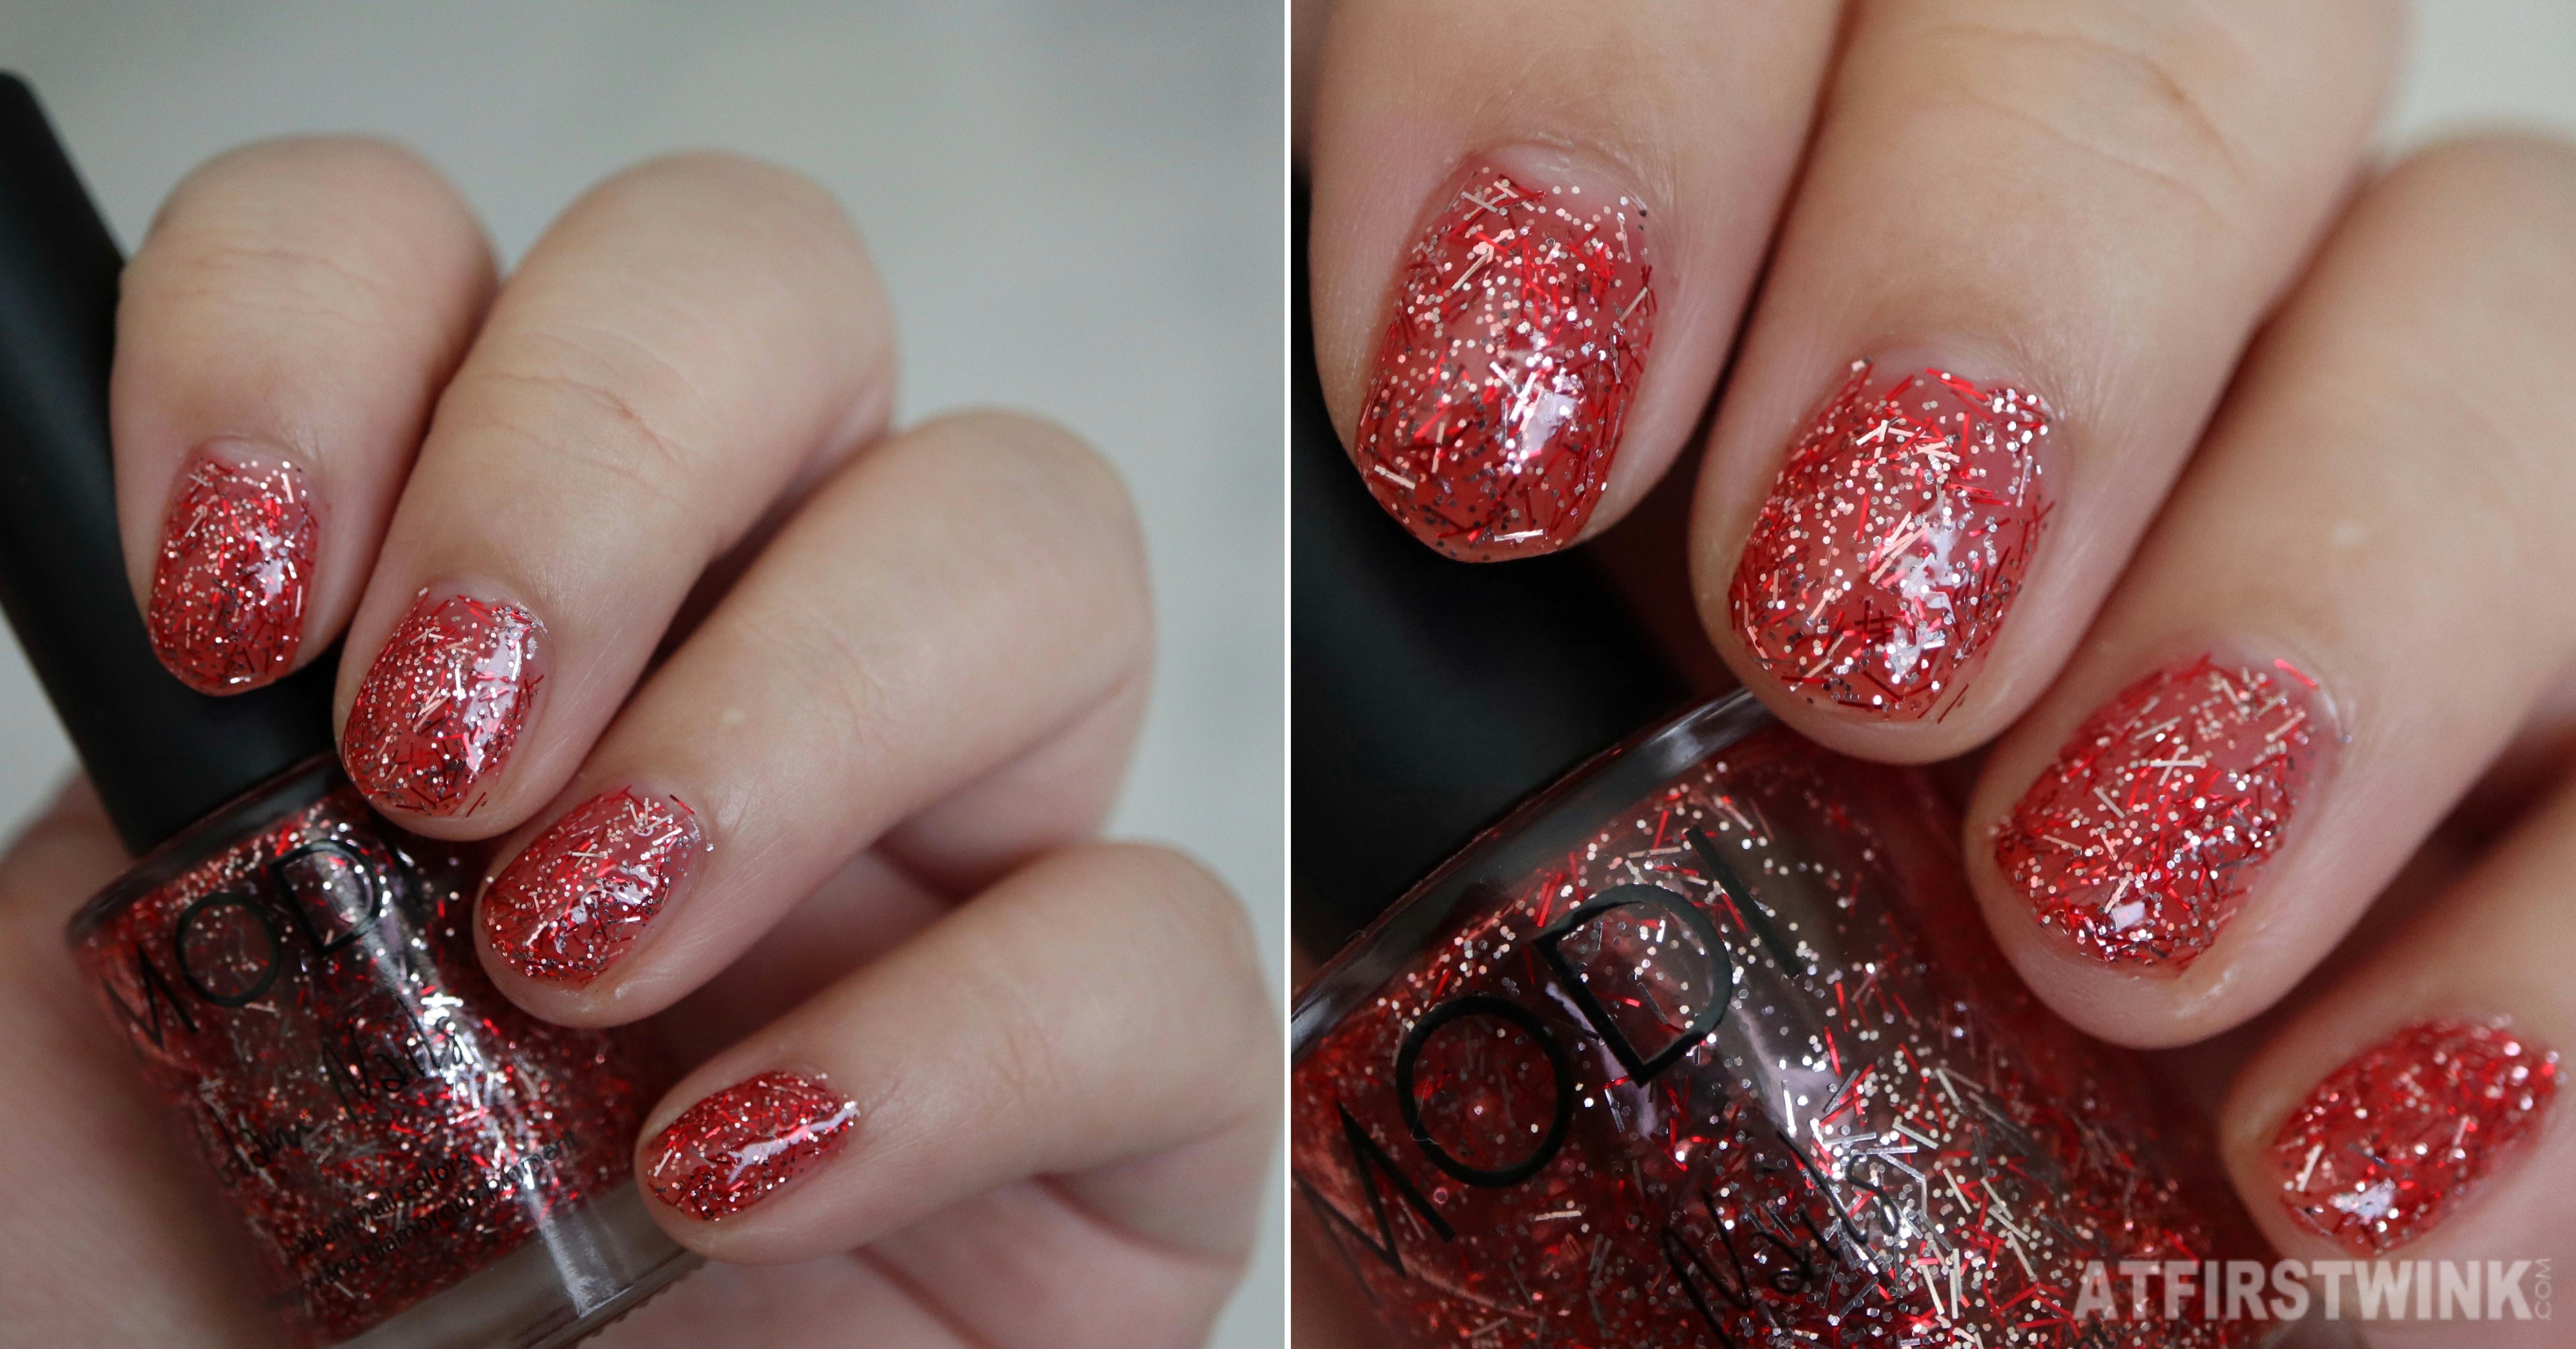 Modi glam nails nail polish 36 Hong Kong town 홍콩타운